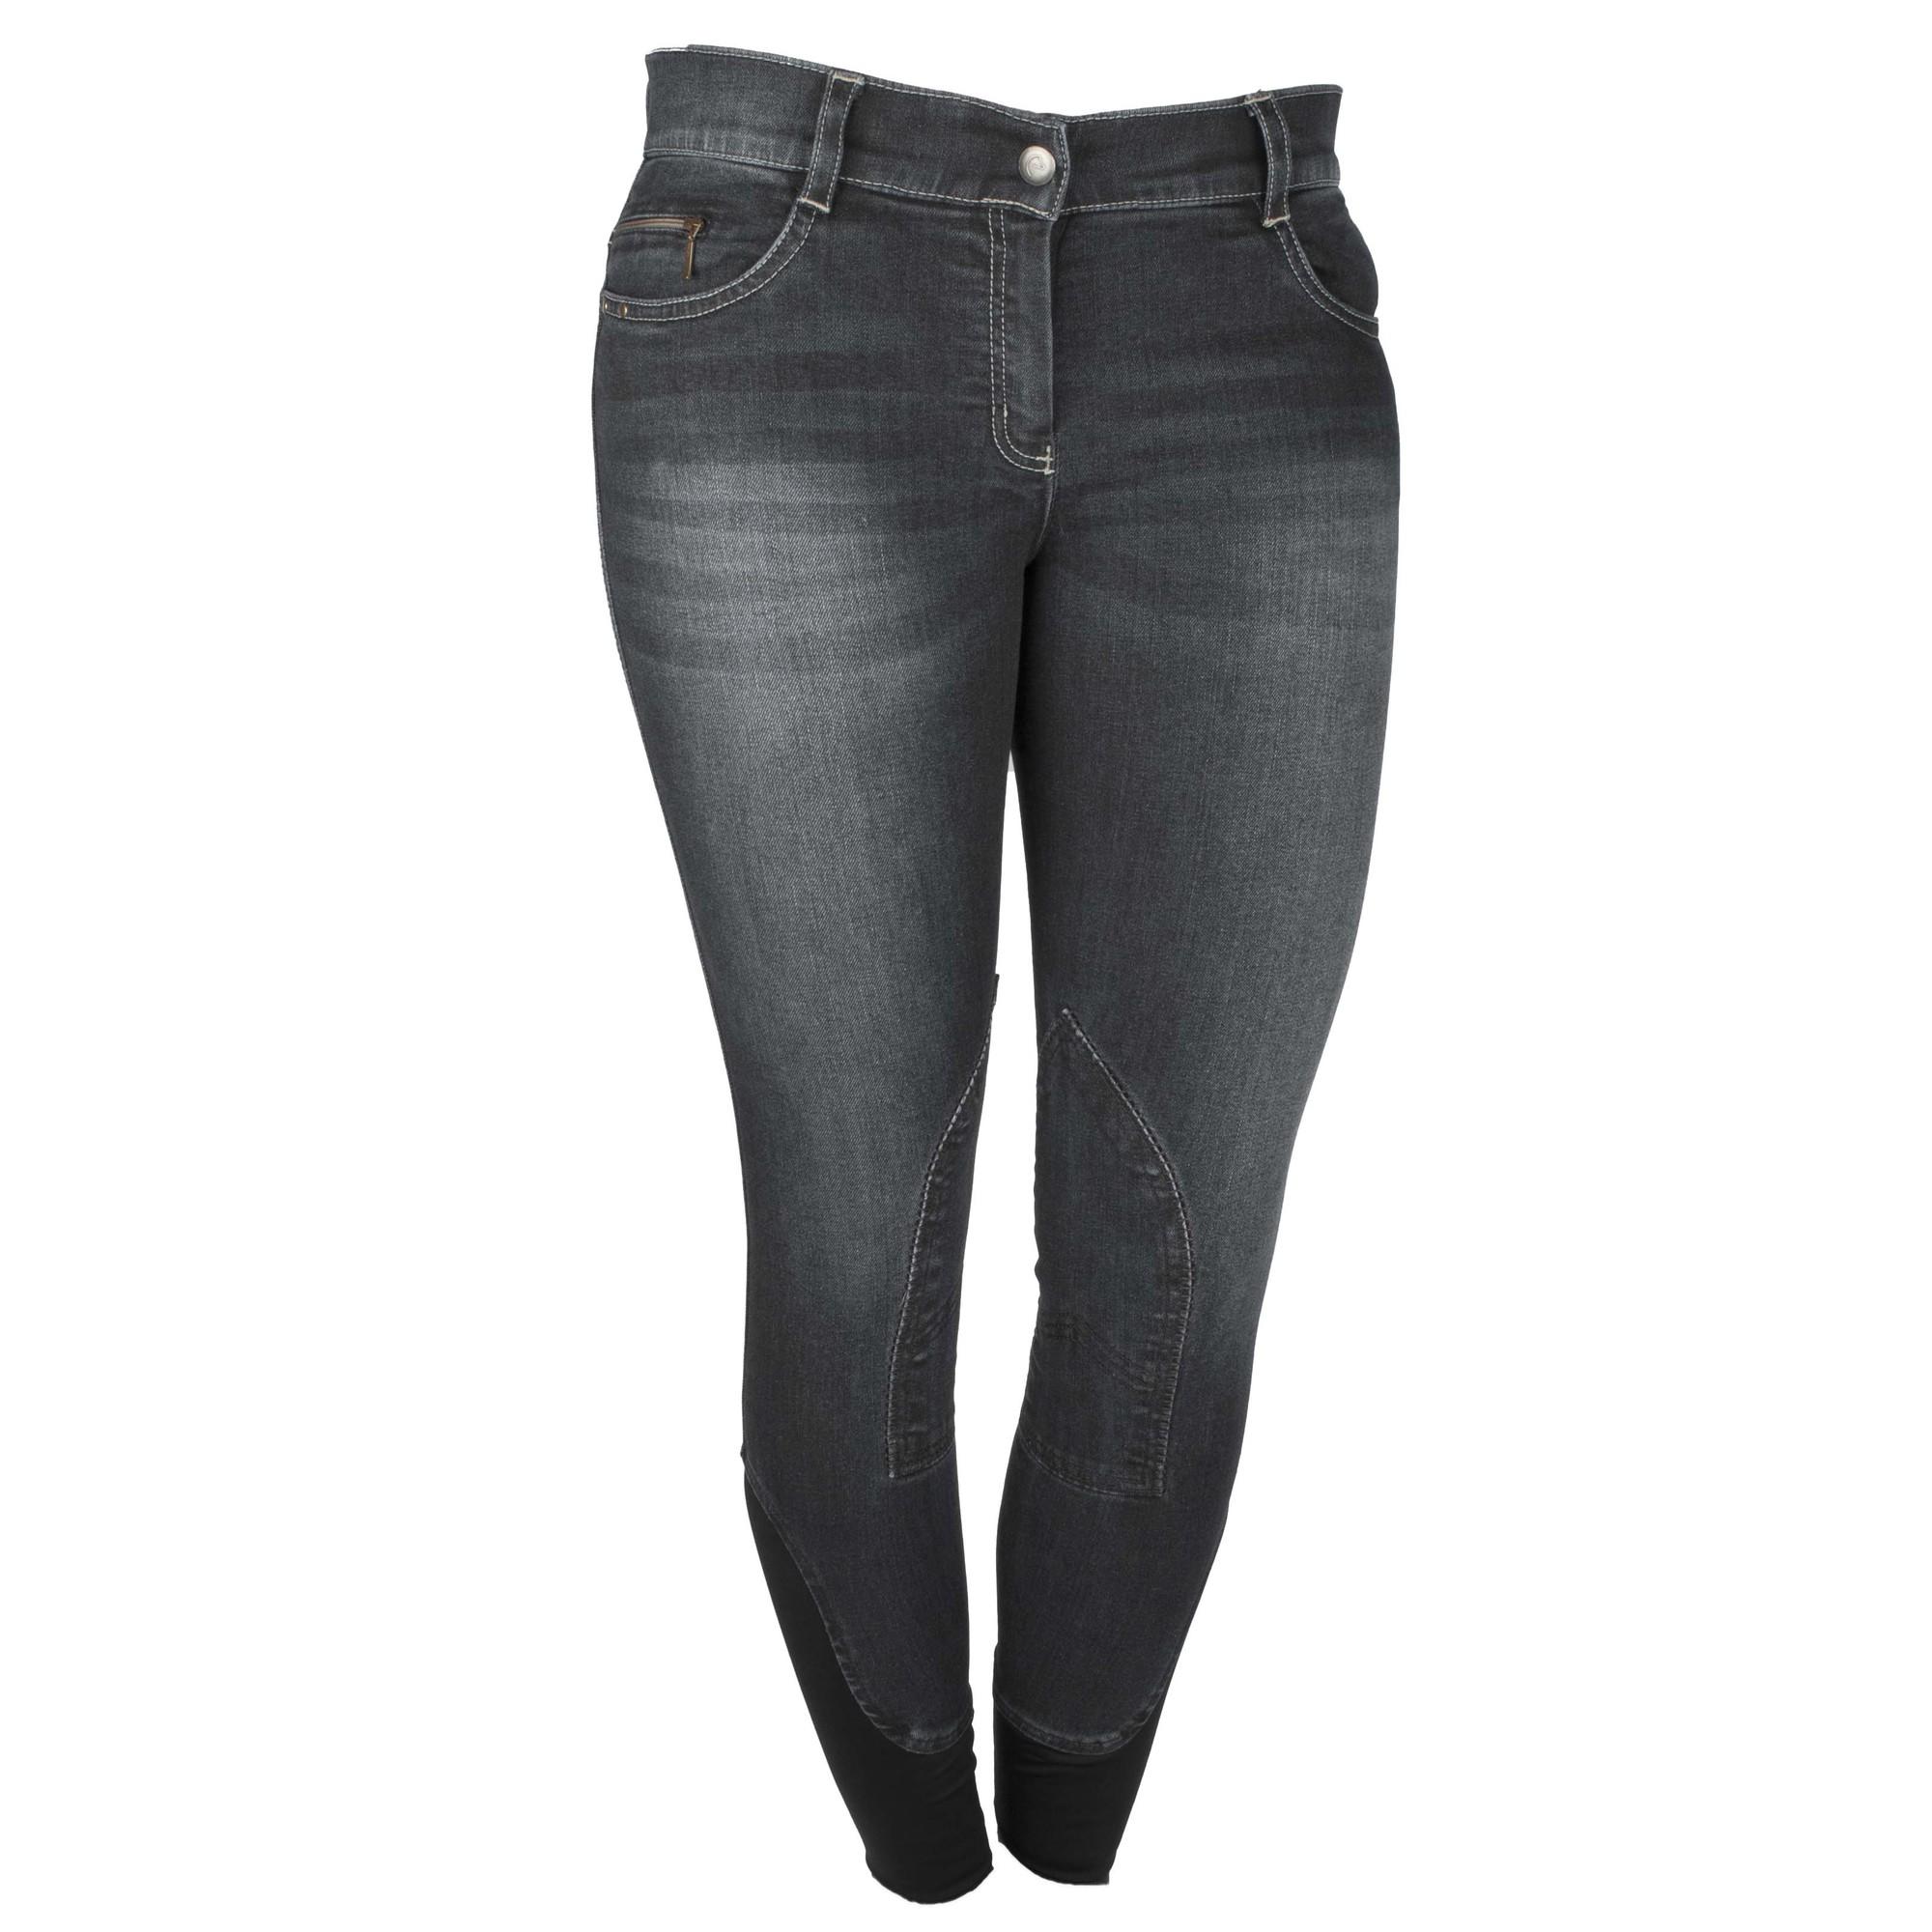 Equitheme Texas jeans rijbroek zwart maat:42